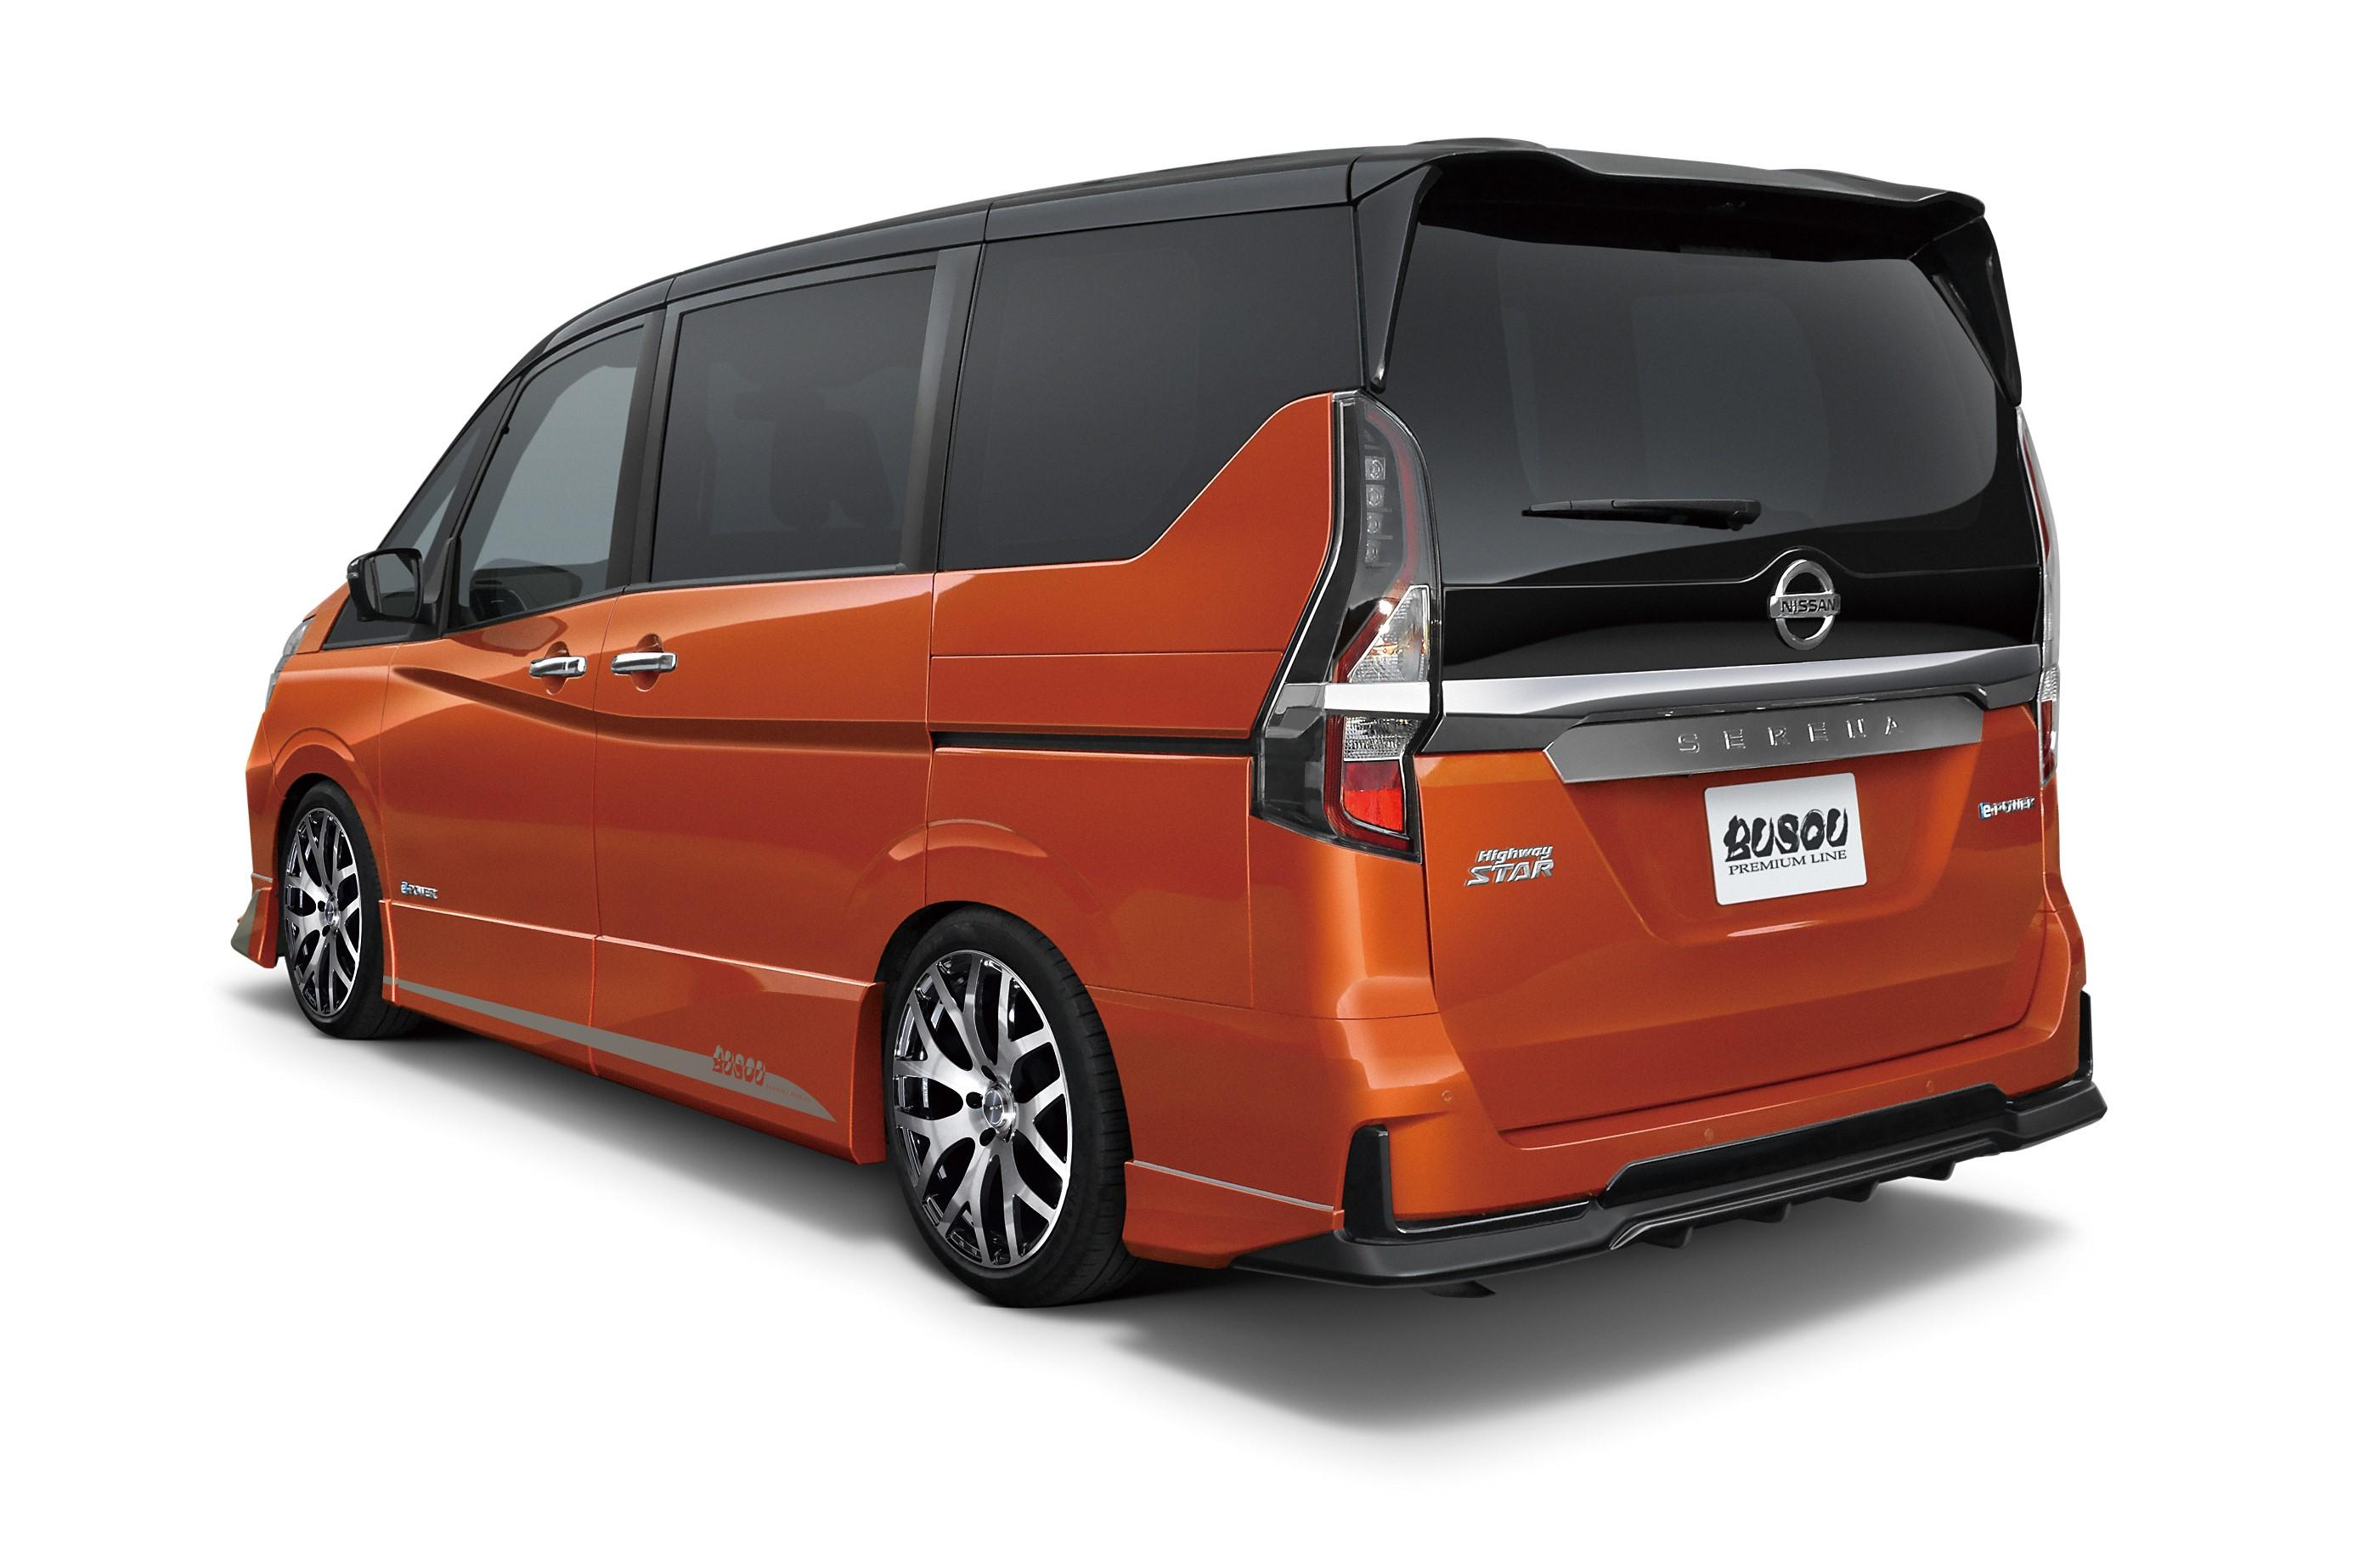 BUSOU JAPAN DESIGN Premium Line C27 SERENA HIGHWAY STAR 後期型